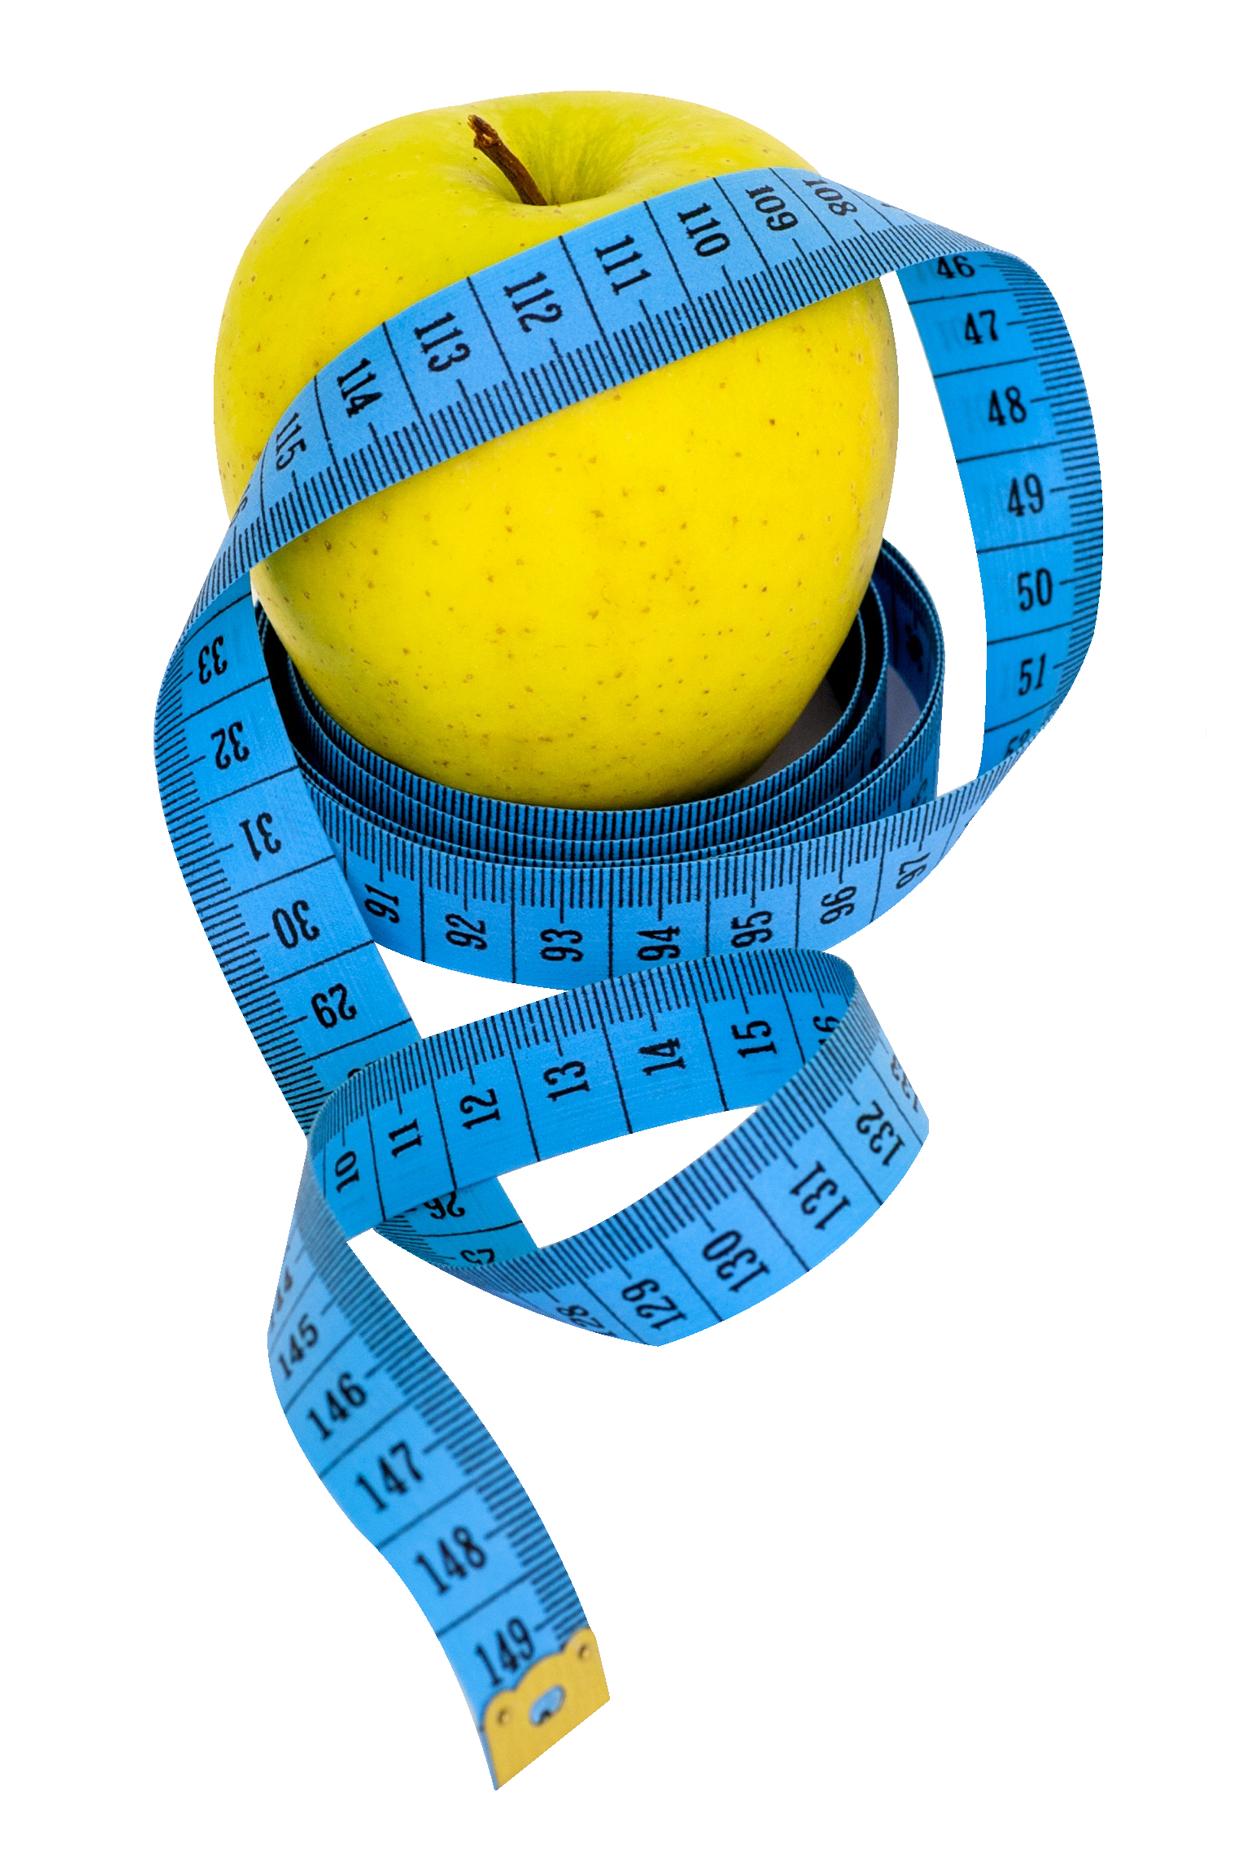 Apple Measure Tape